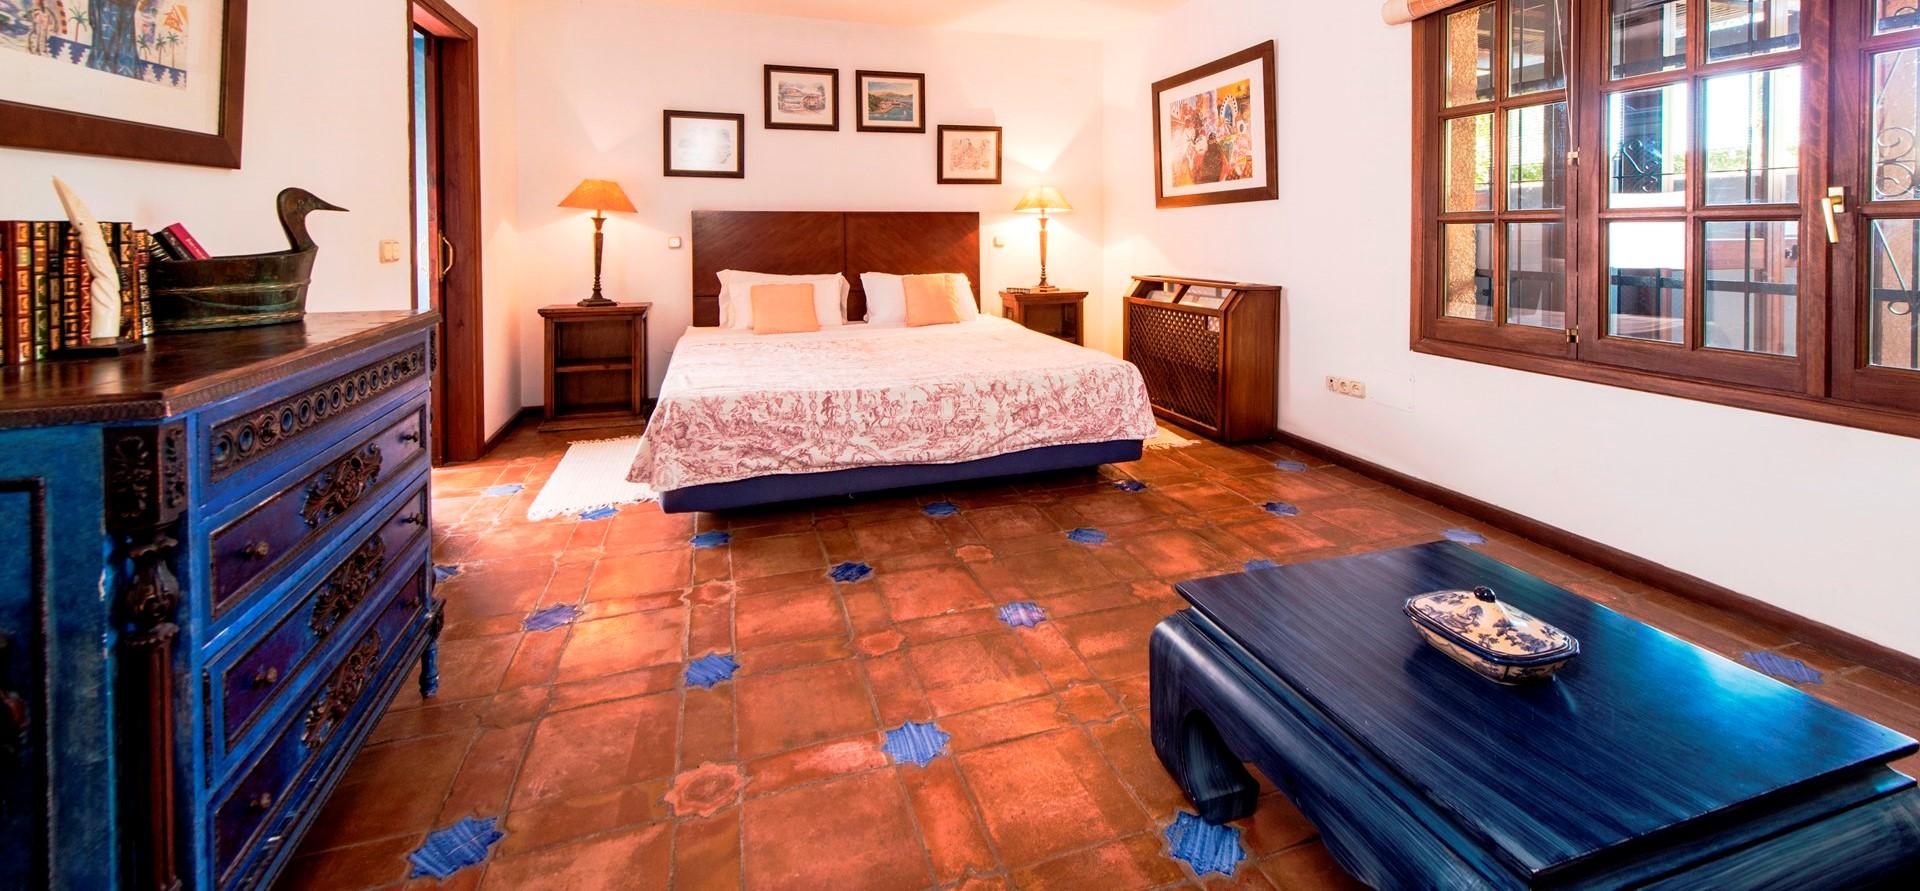 villa-marbella-casita-double-bedroom